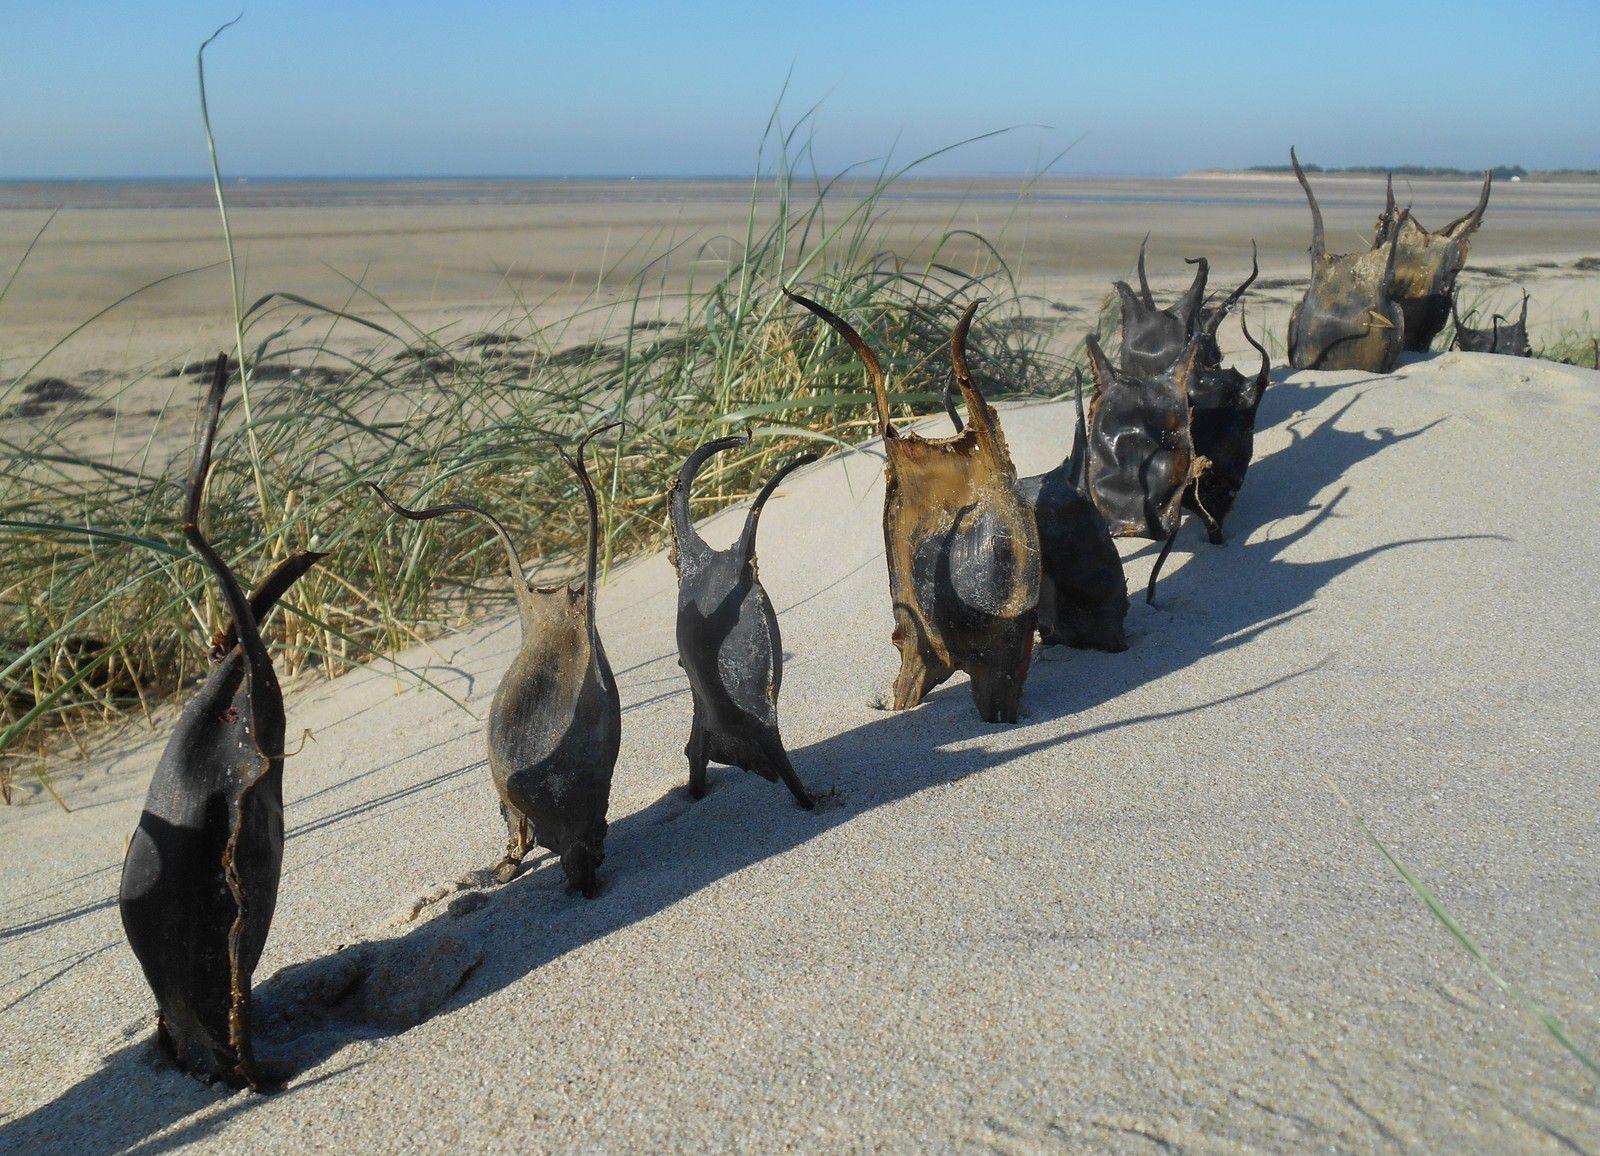 Capsules de raie - la grande traversée - Land art Levaillant 2014